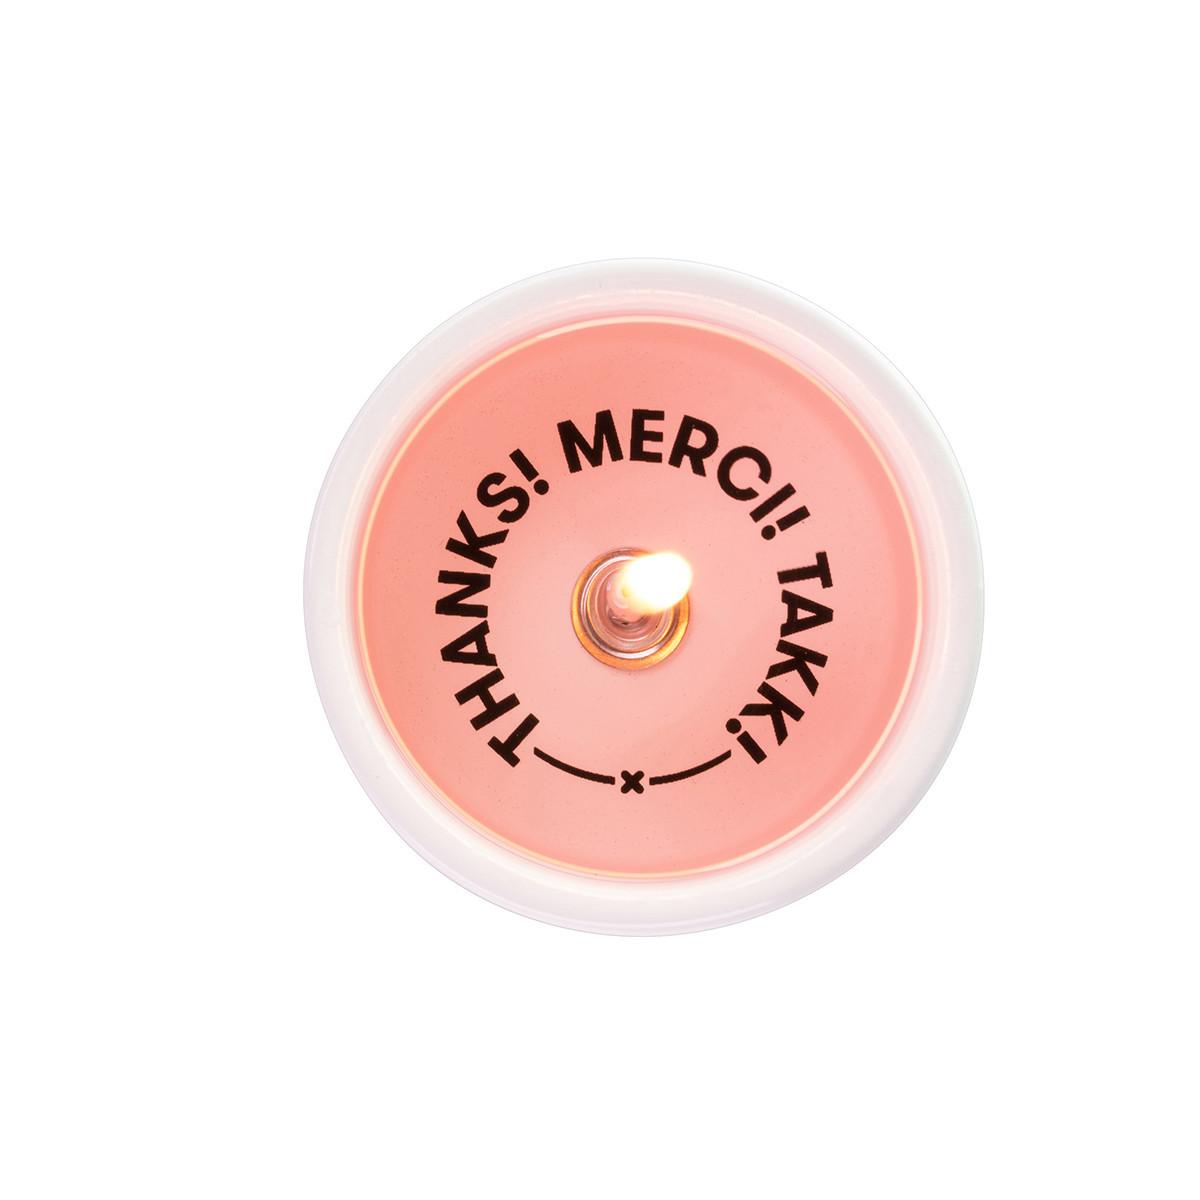 54 Celsius: Secret Message Candle - Message #5 image